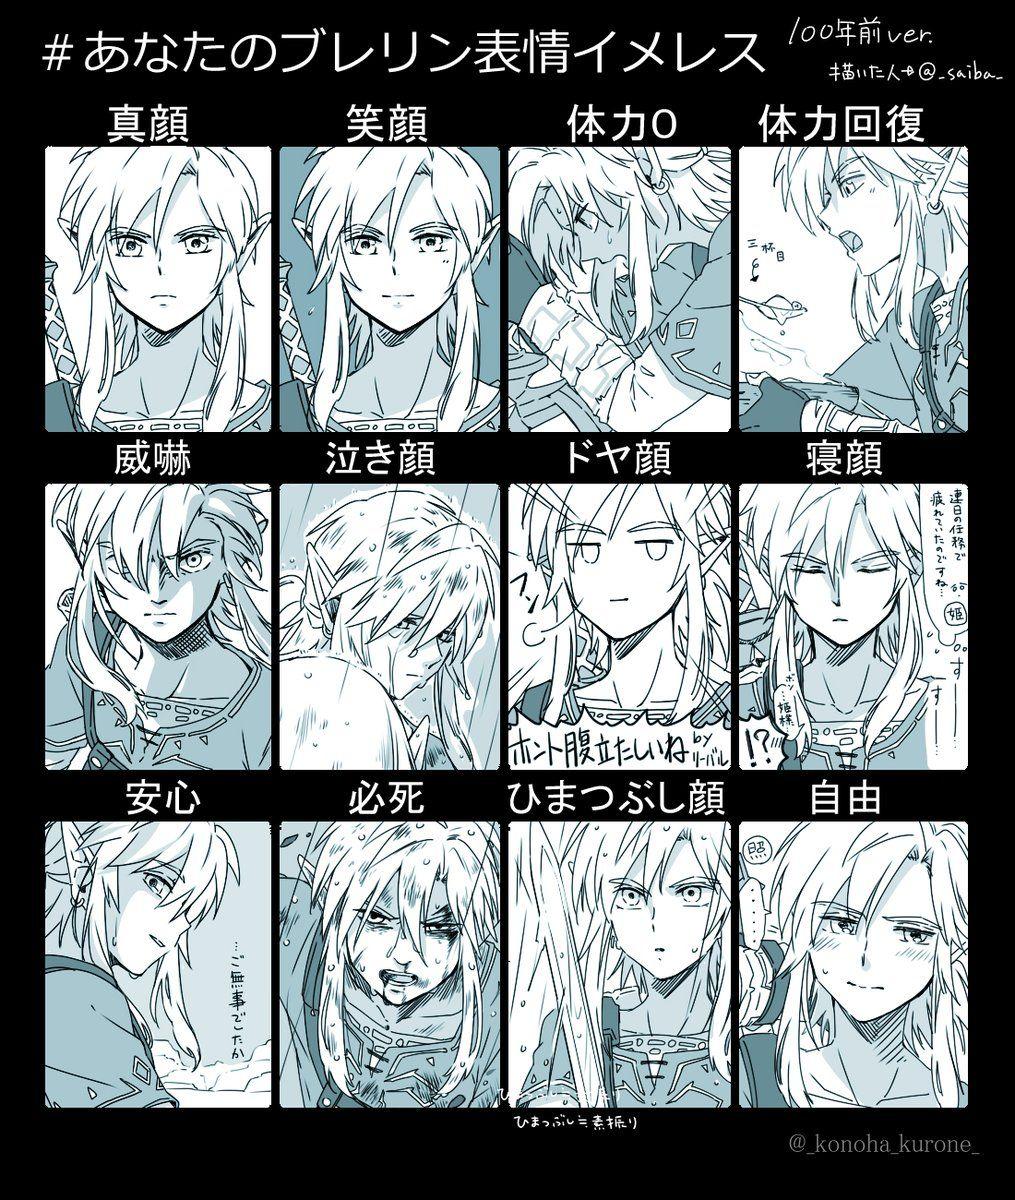 ゼルダの伝説 ブレスオブザワイルド 表情イメレス 100年前ver   【loz